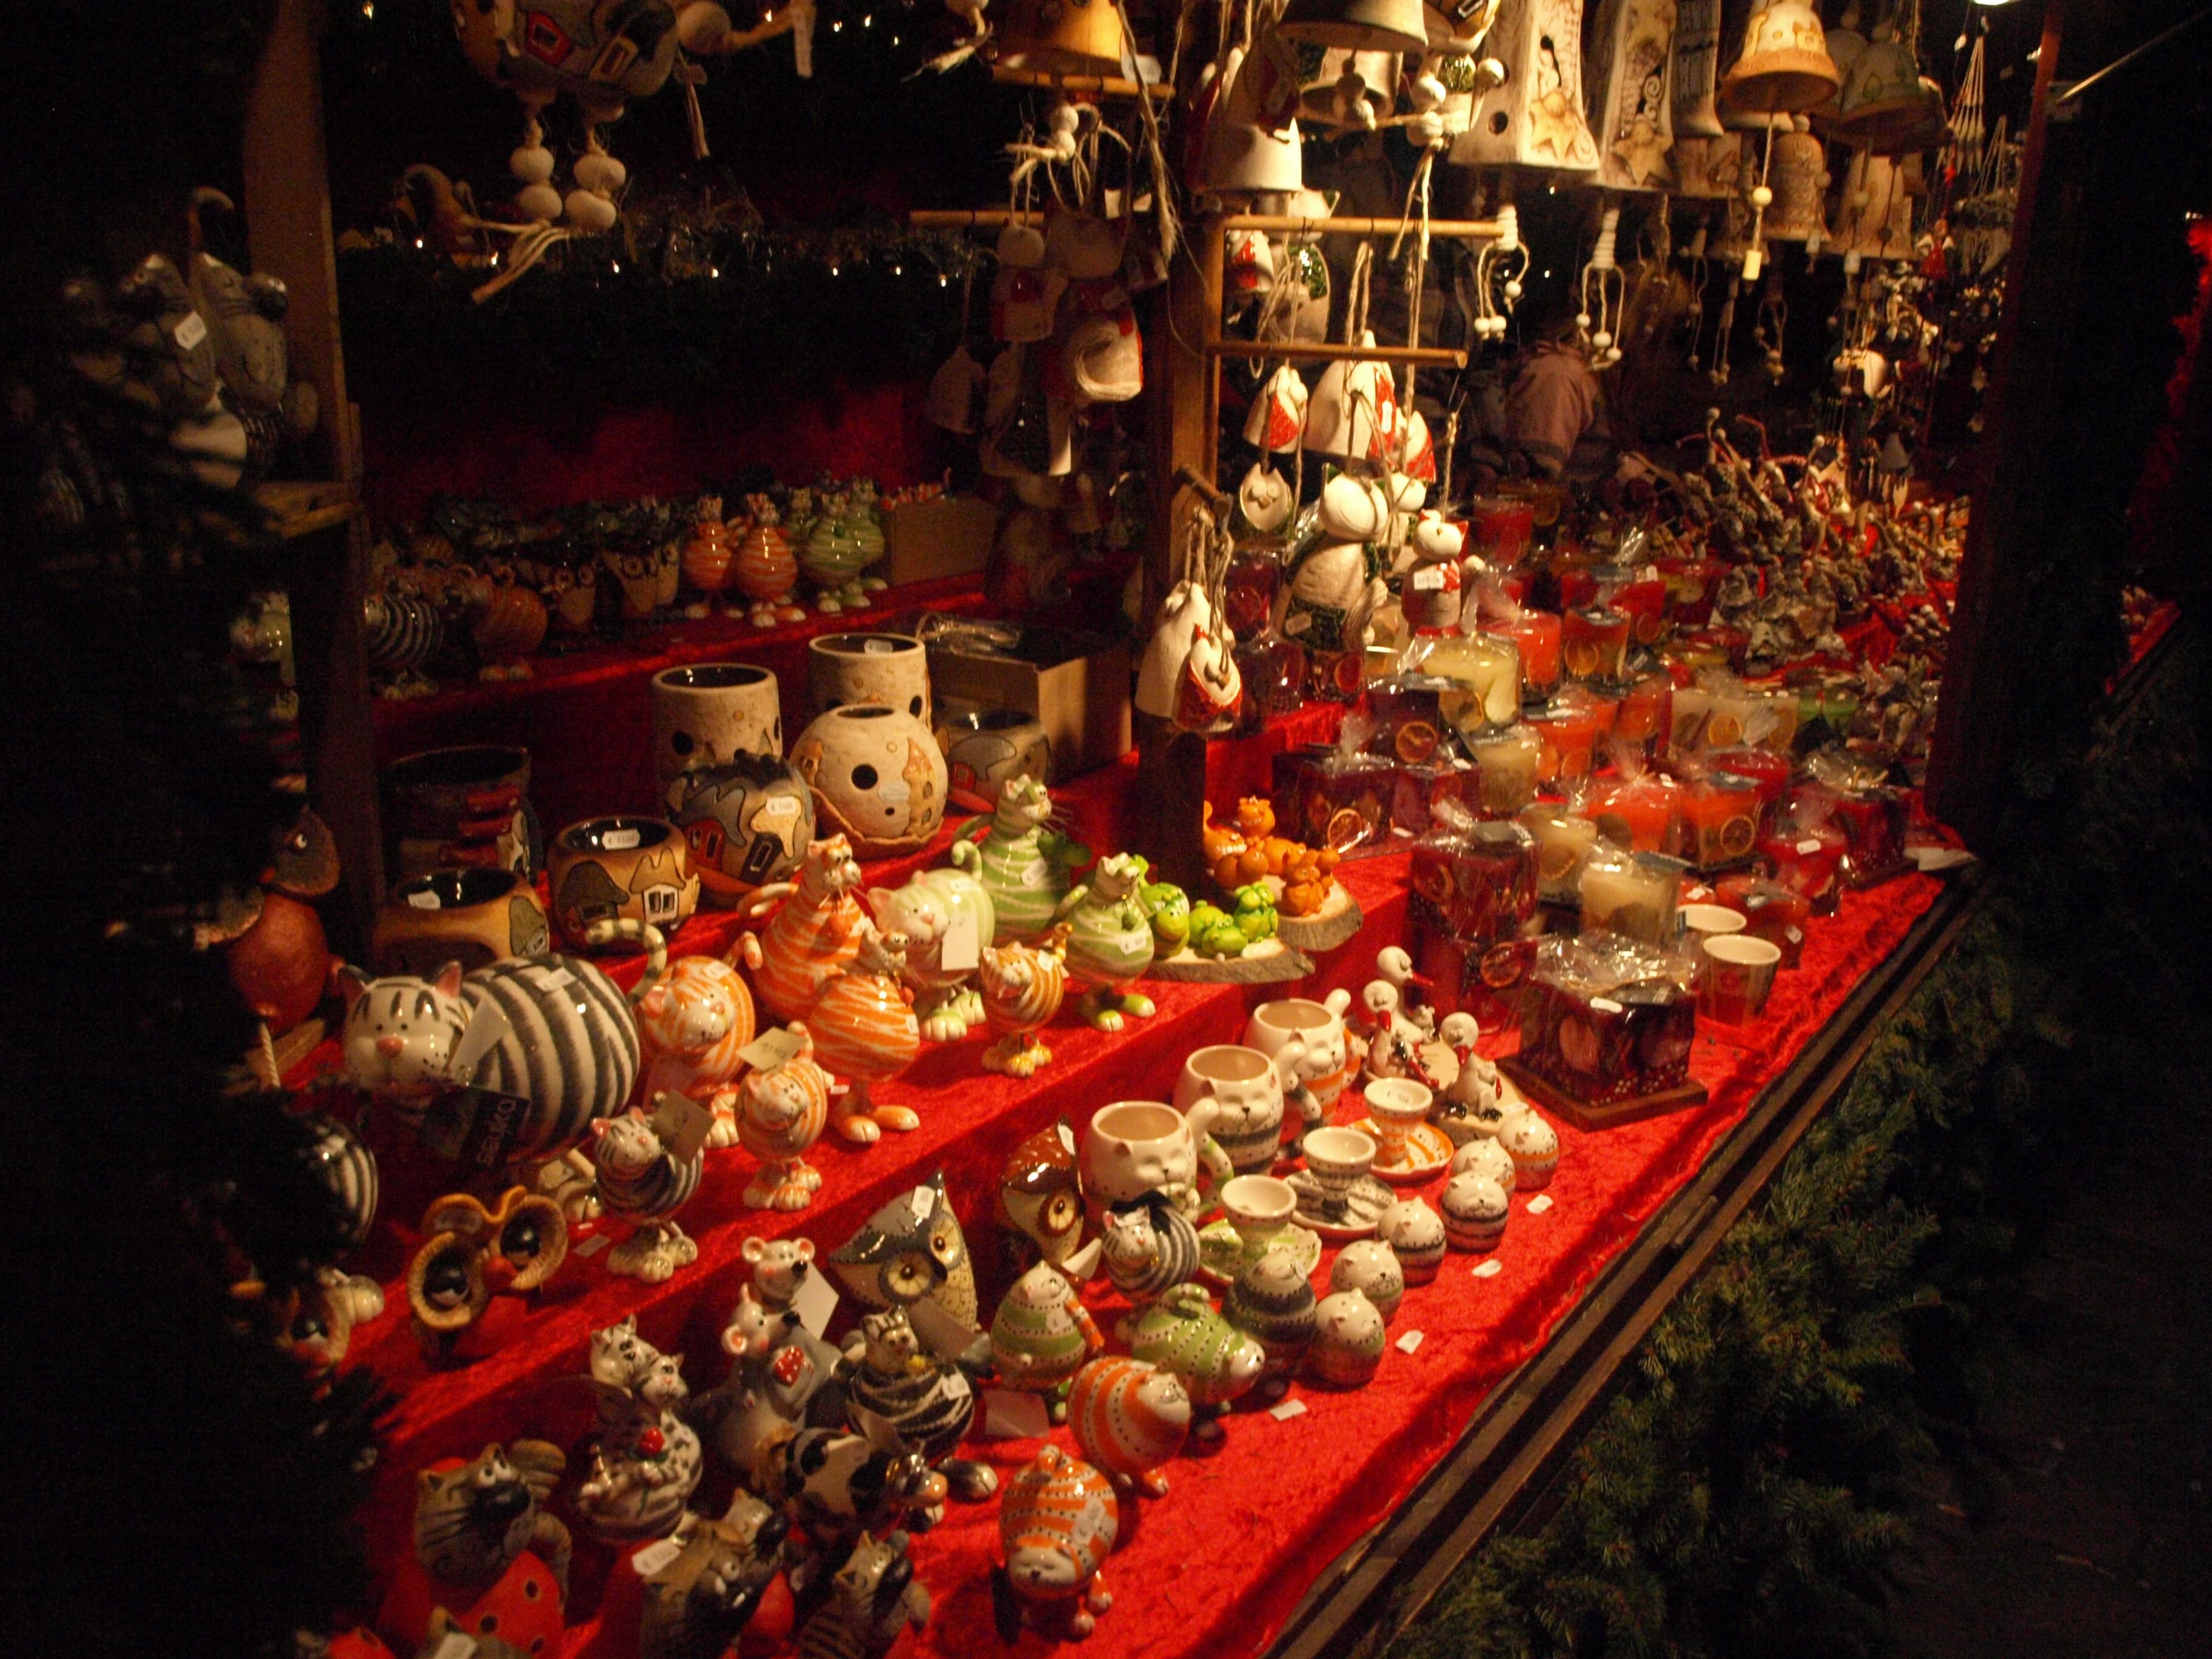 Polsko - Vratislav, blíží se čas vánoční a lidská srdce se otvírají